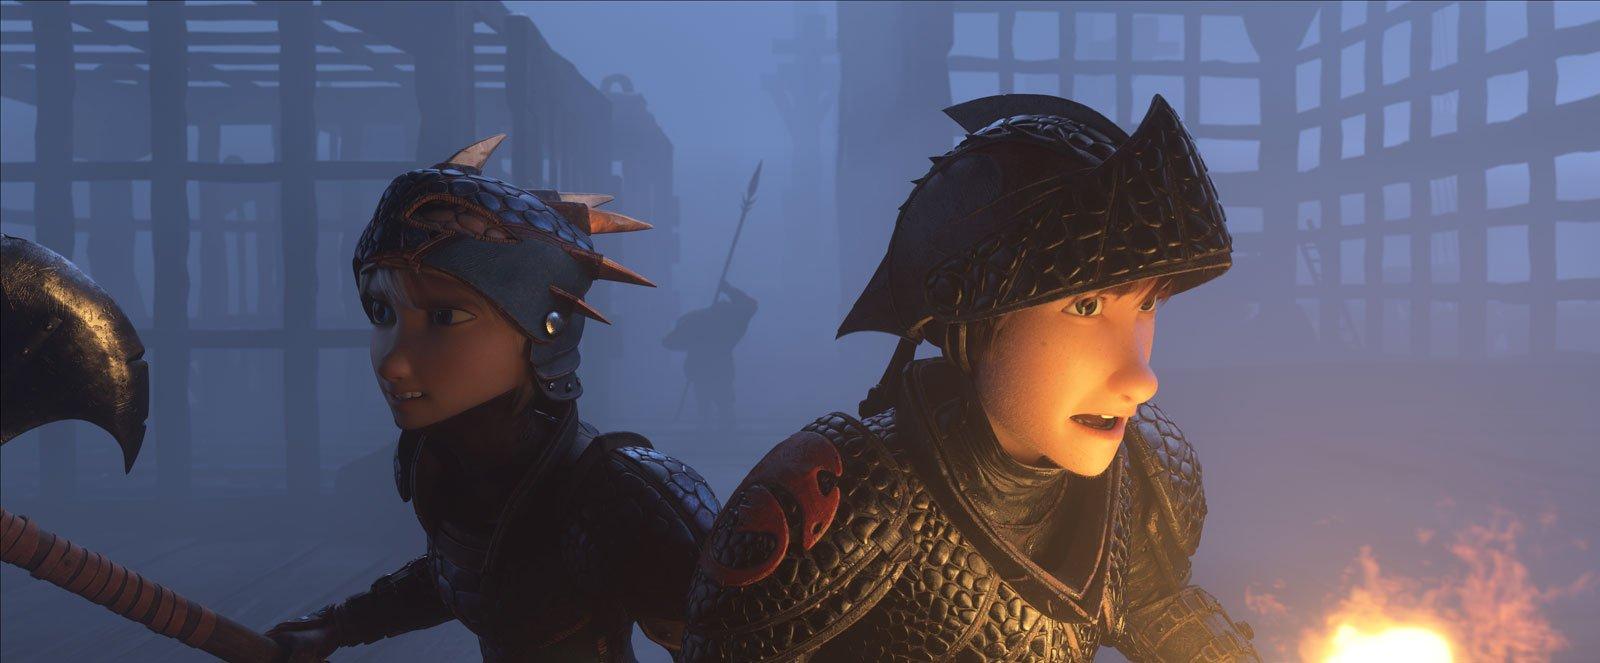 Dragons 3 : Le monde caché DVDRip Télécharger